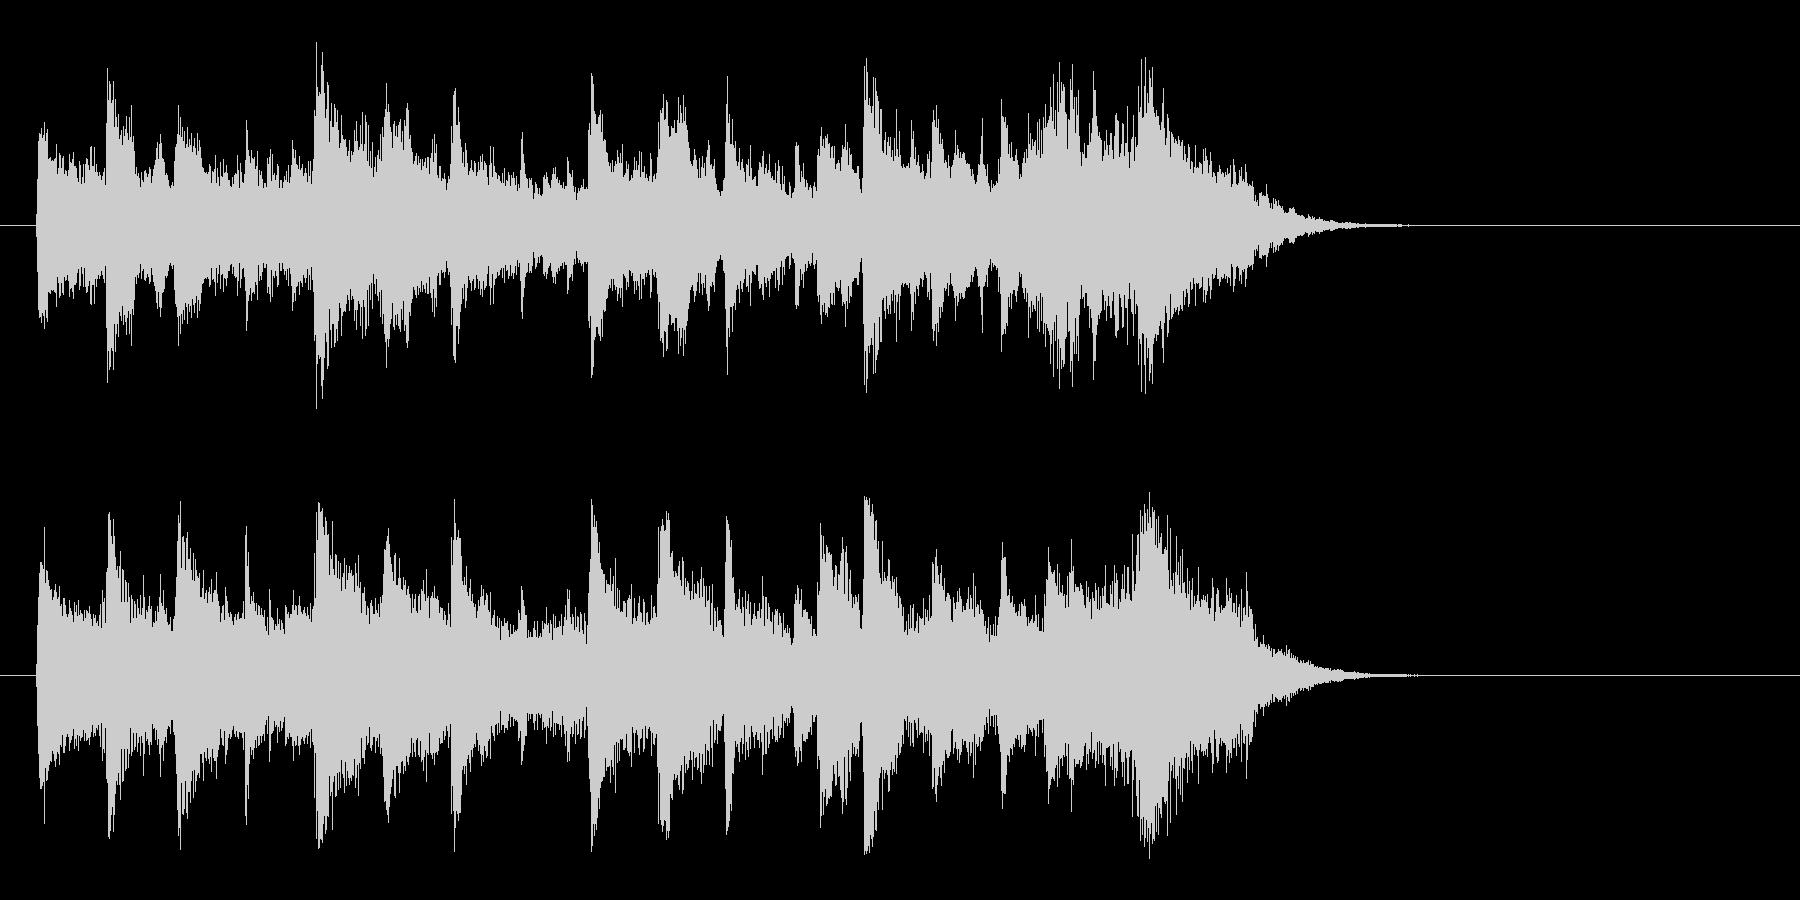 ドキュメント風ポップス(サビ)の未再生の波形